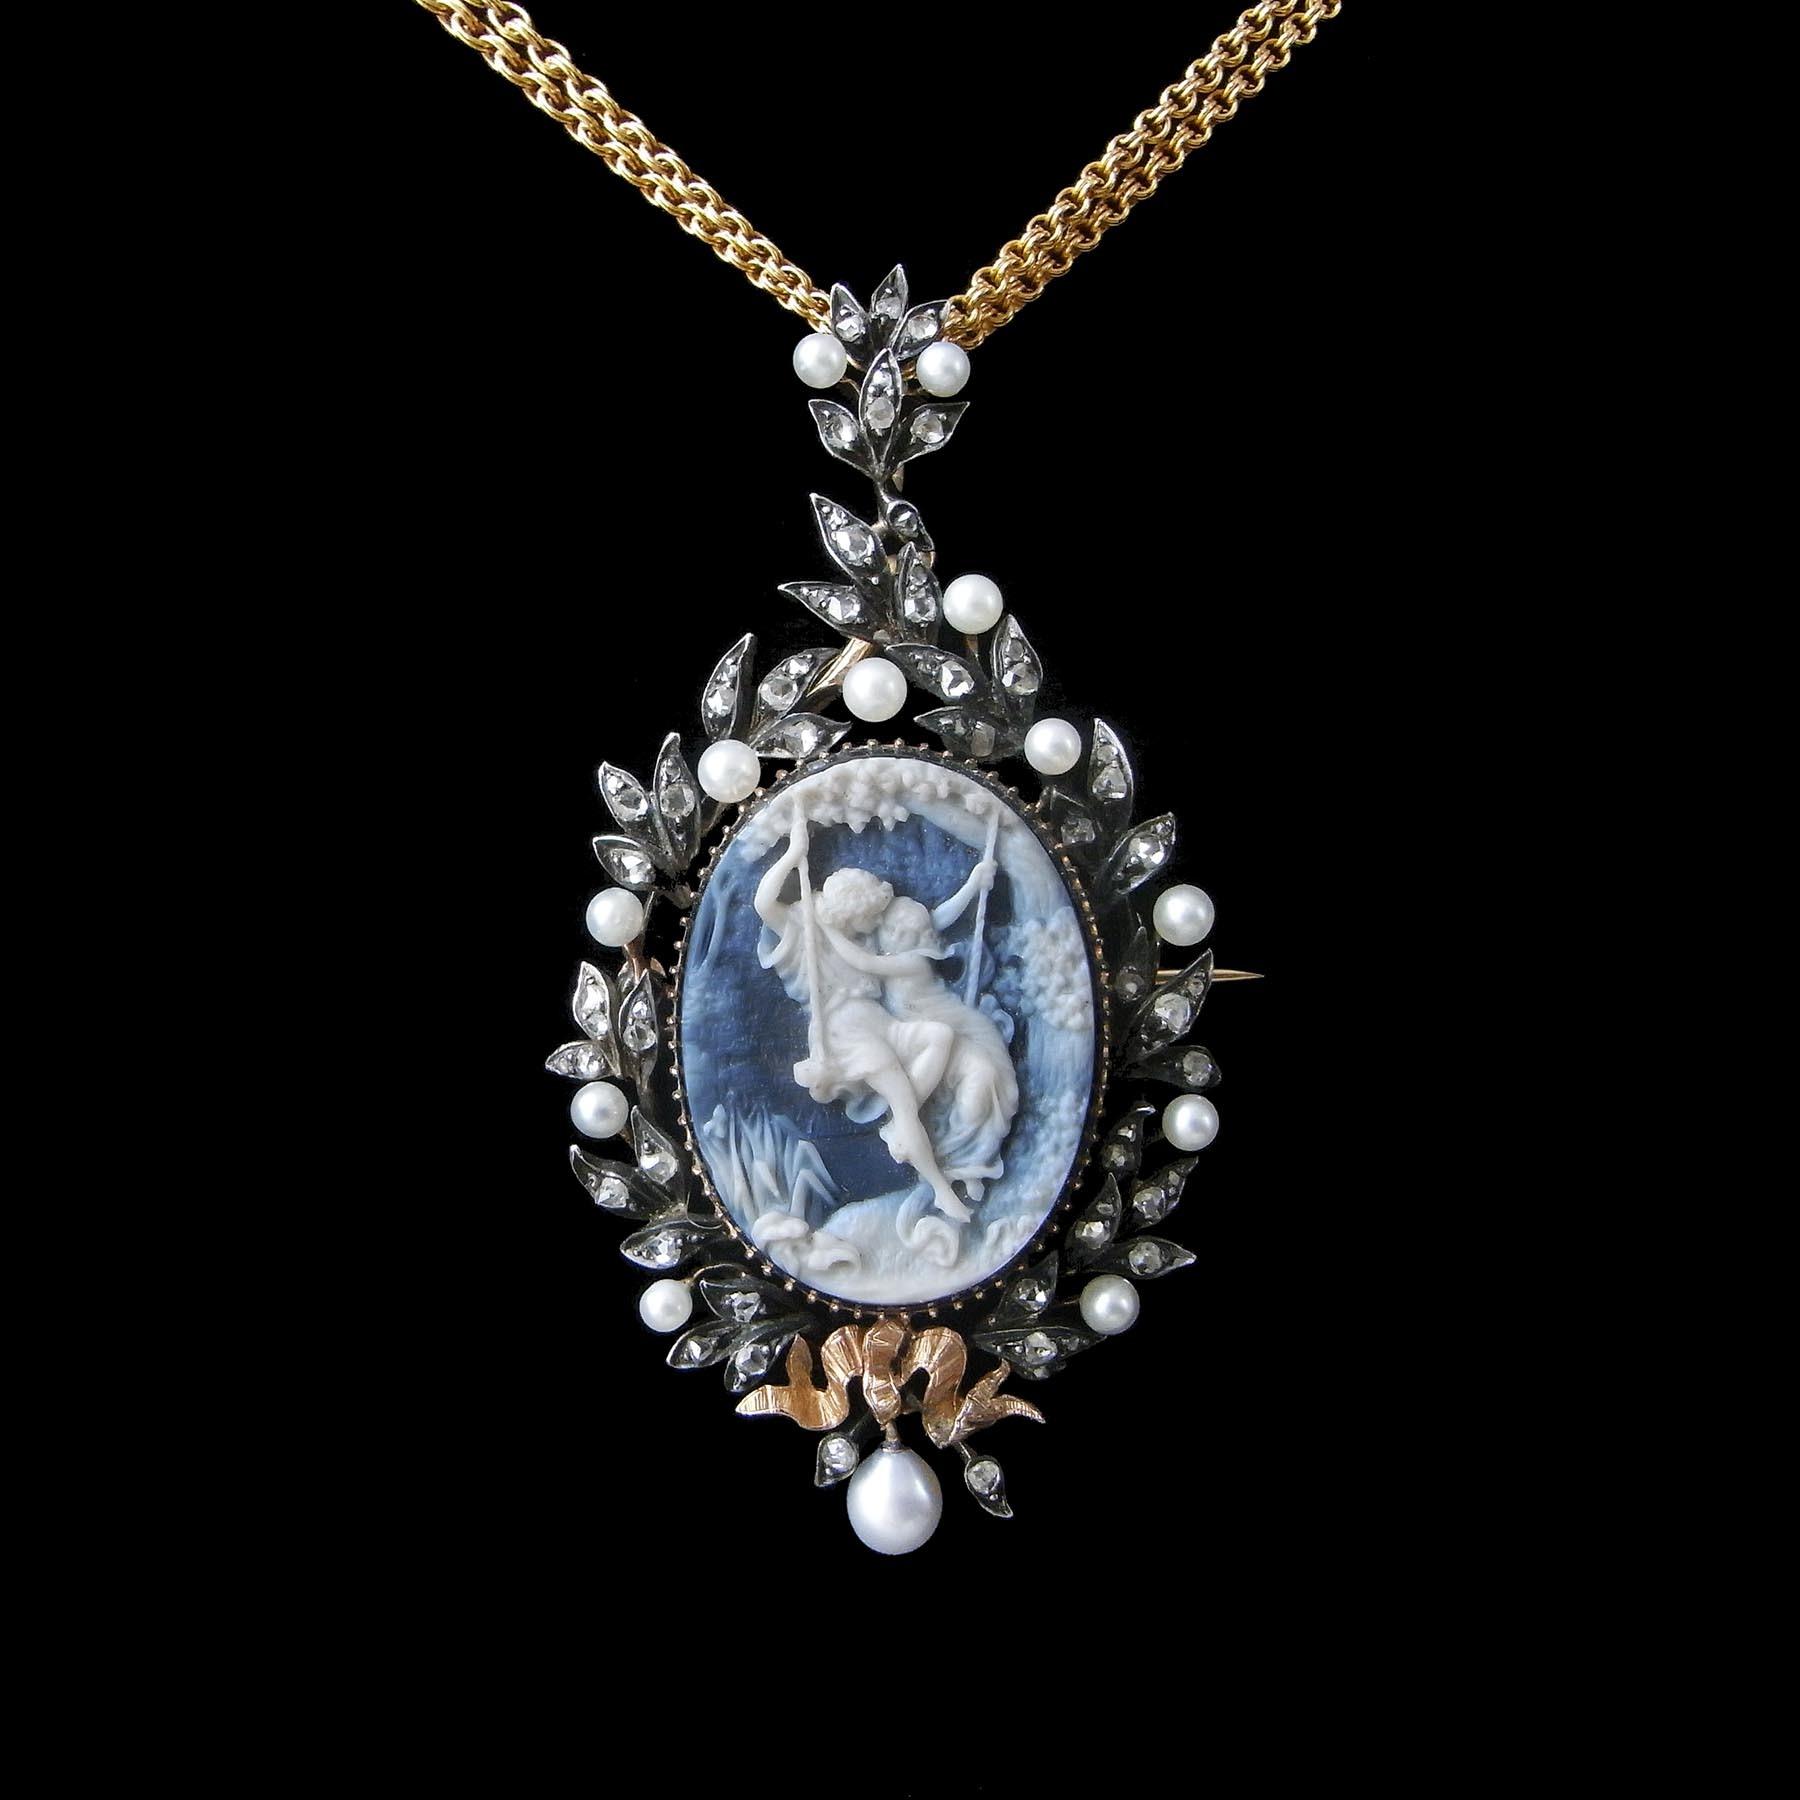 N°1223 ブシュロン 19世紀のアンティークペンダント・ブローチ - ◆ ルーヴルアンティーク ◆  フランス アンティークジュエリー & オブジェ